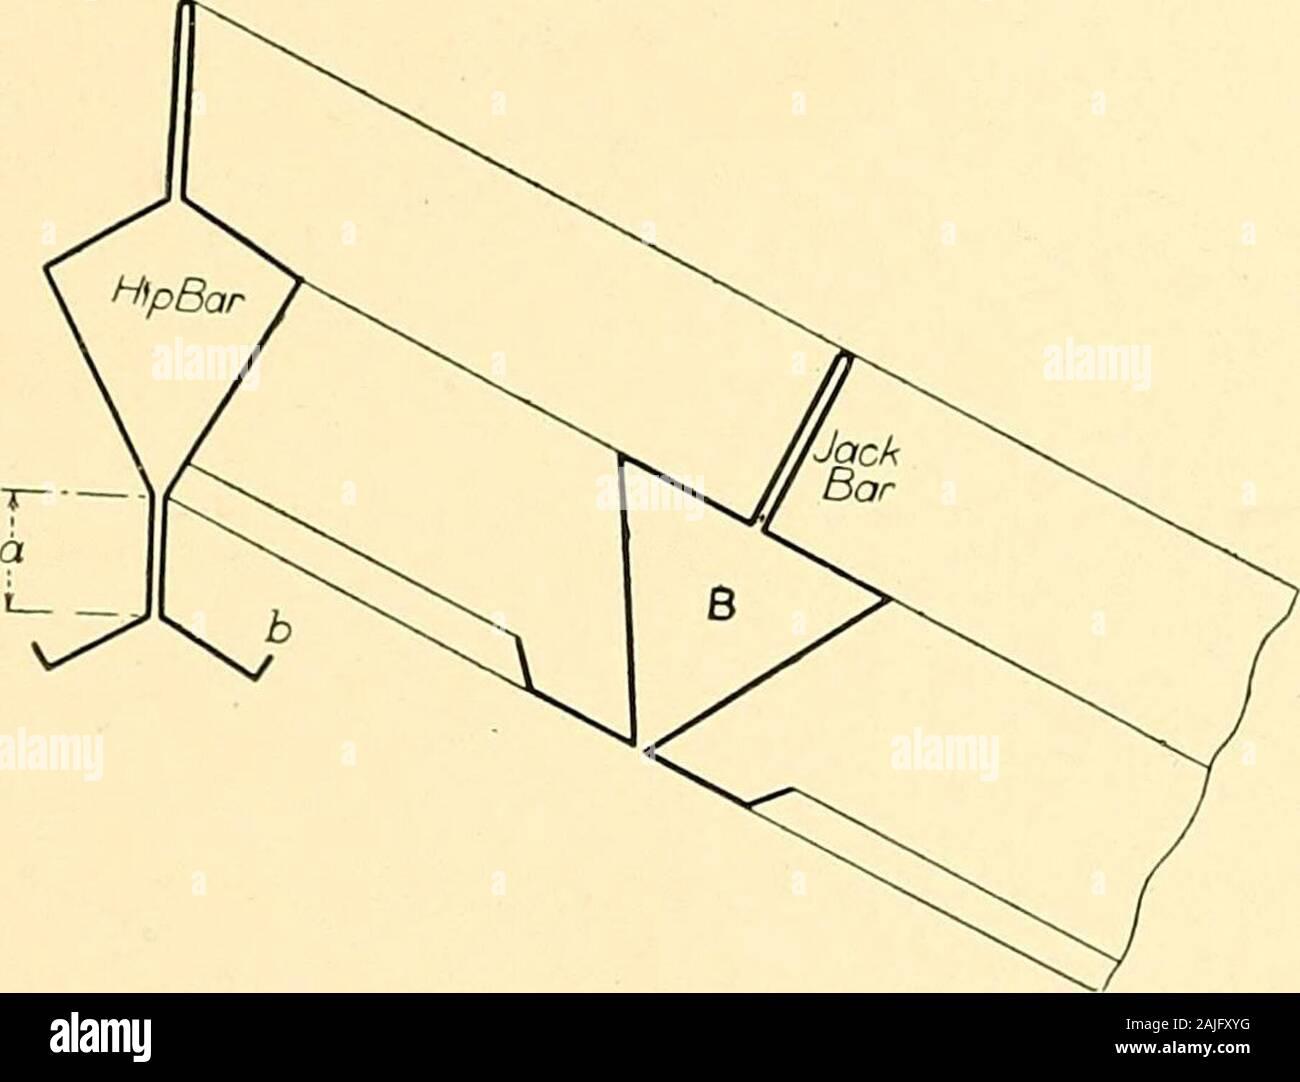 X Y G Wiring Diagram from c8.alamy.com